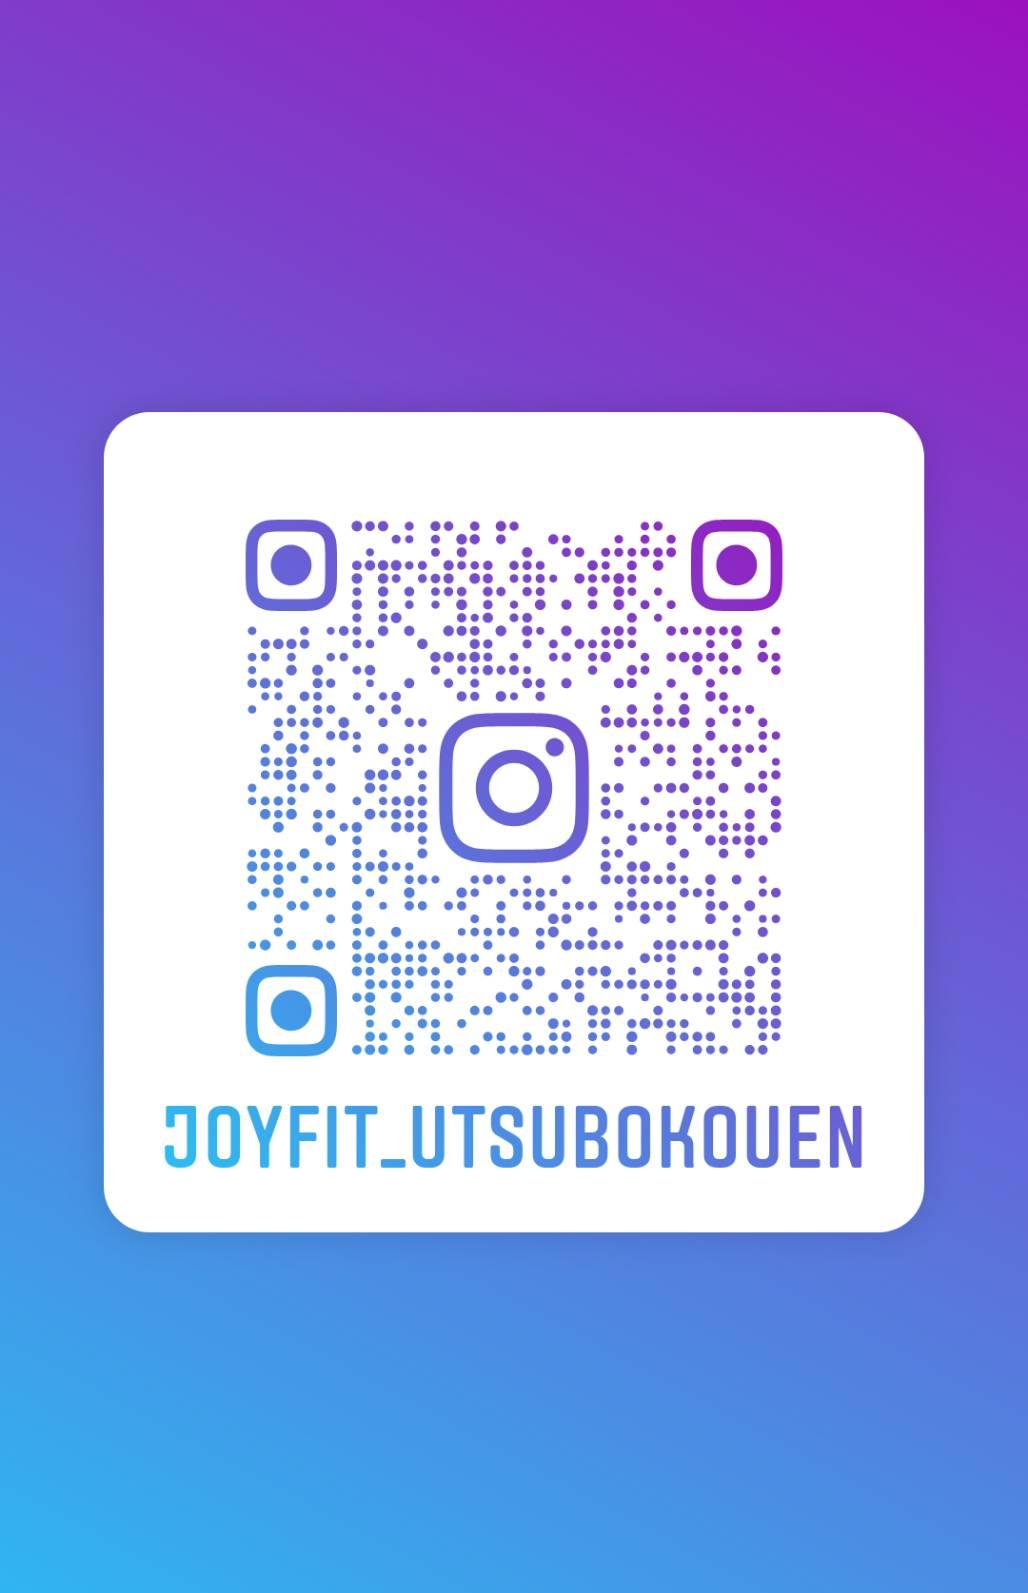 JOYFIT靭公園 公式Instagramアカウント お得な情報や館内の様子、マシンの説明など更新中! 是非フォローお願いします!